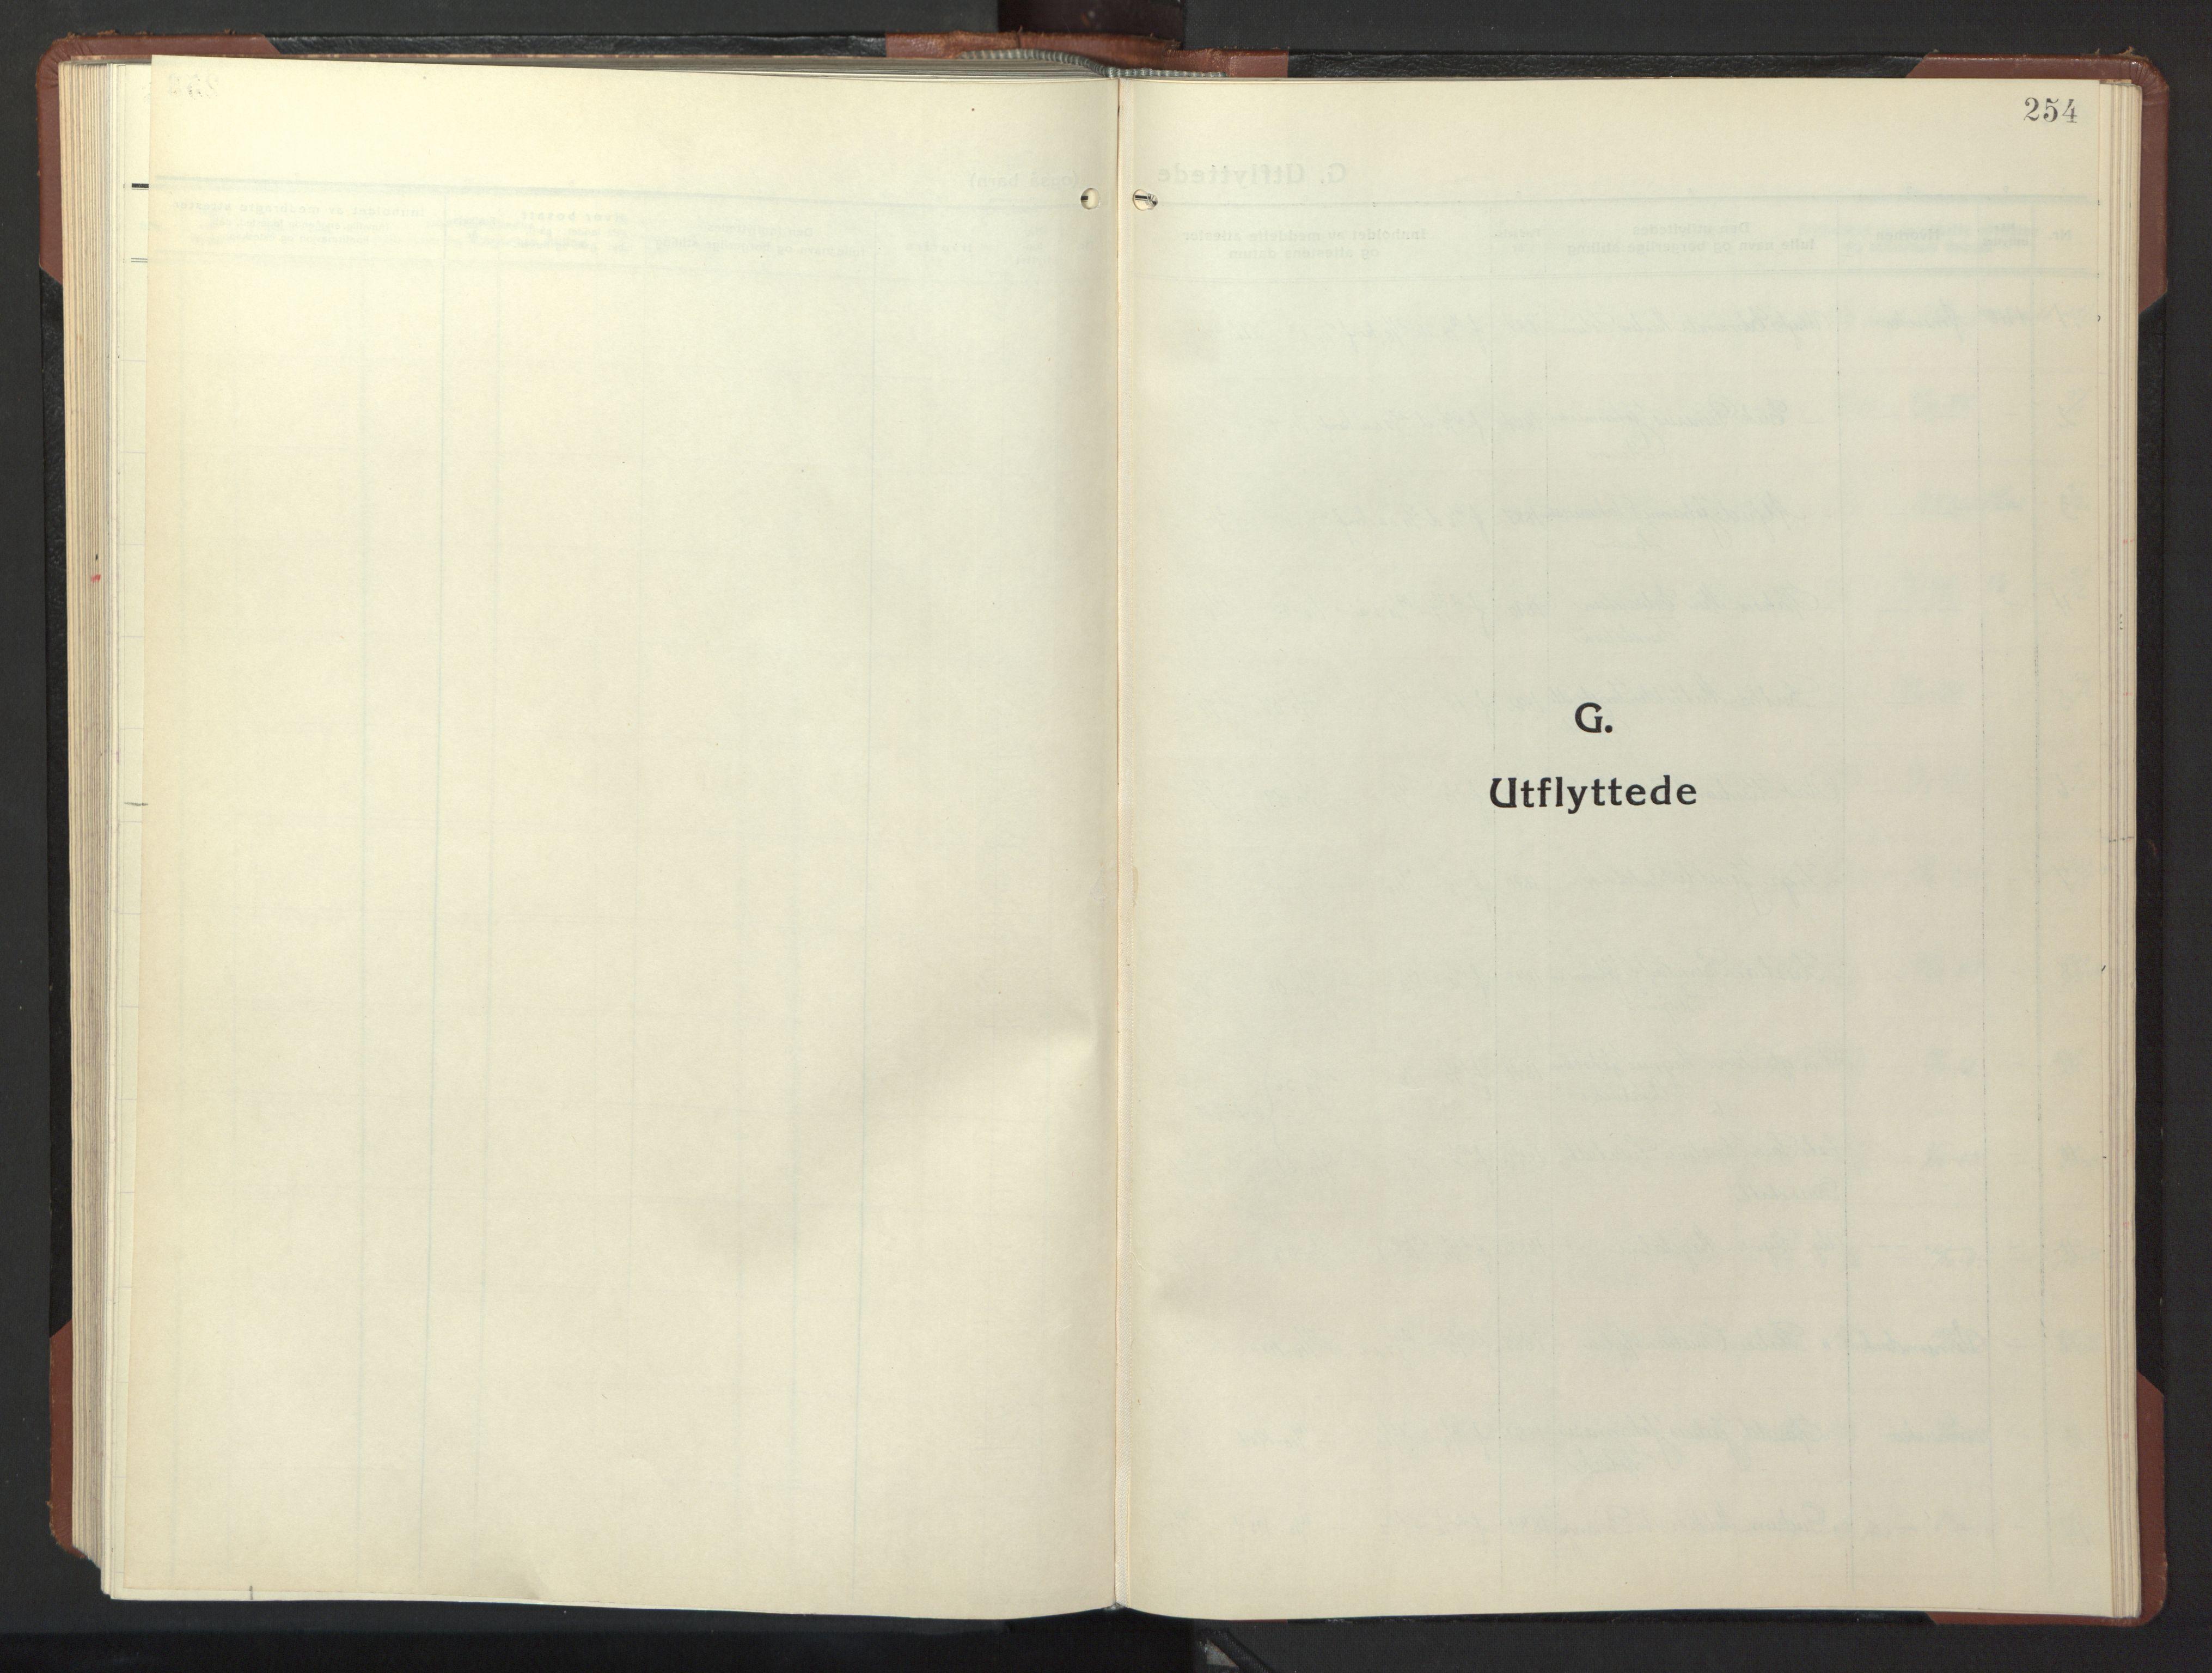 SAT, Ministerialprotokoller, klokkerbøker og fødselsregistre - Nord-Trøndelag, 773/L0625: Klokkerbok nr. 773C01, 1910-1952, s. 254